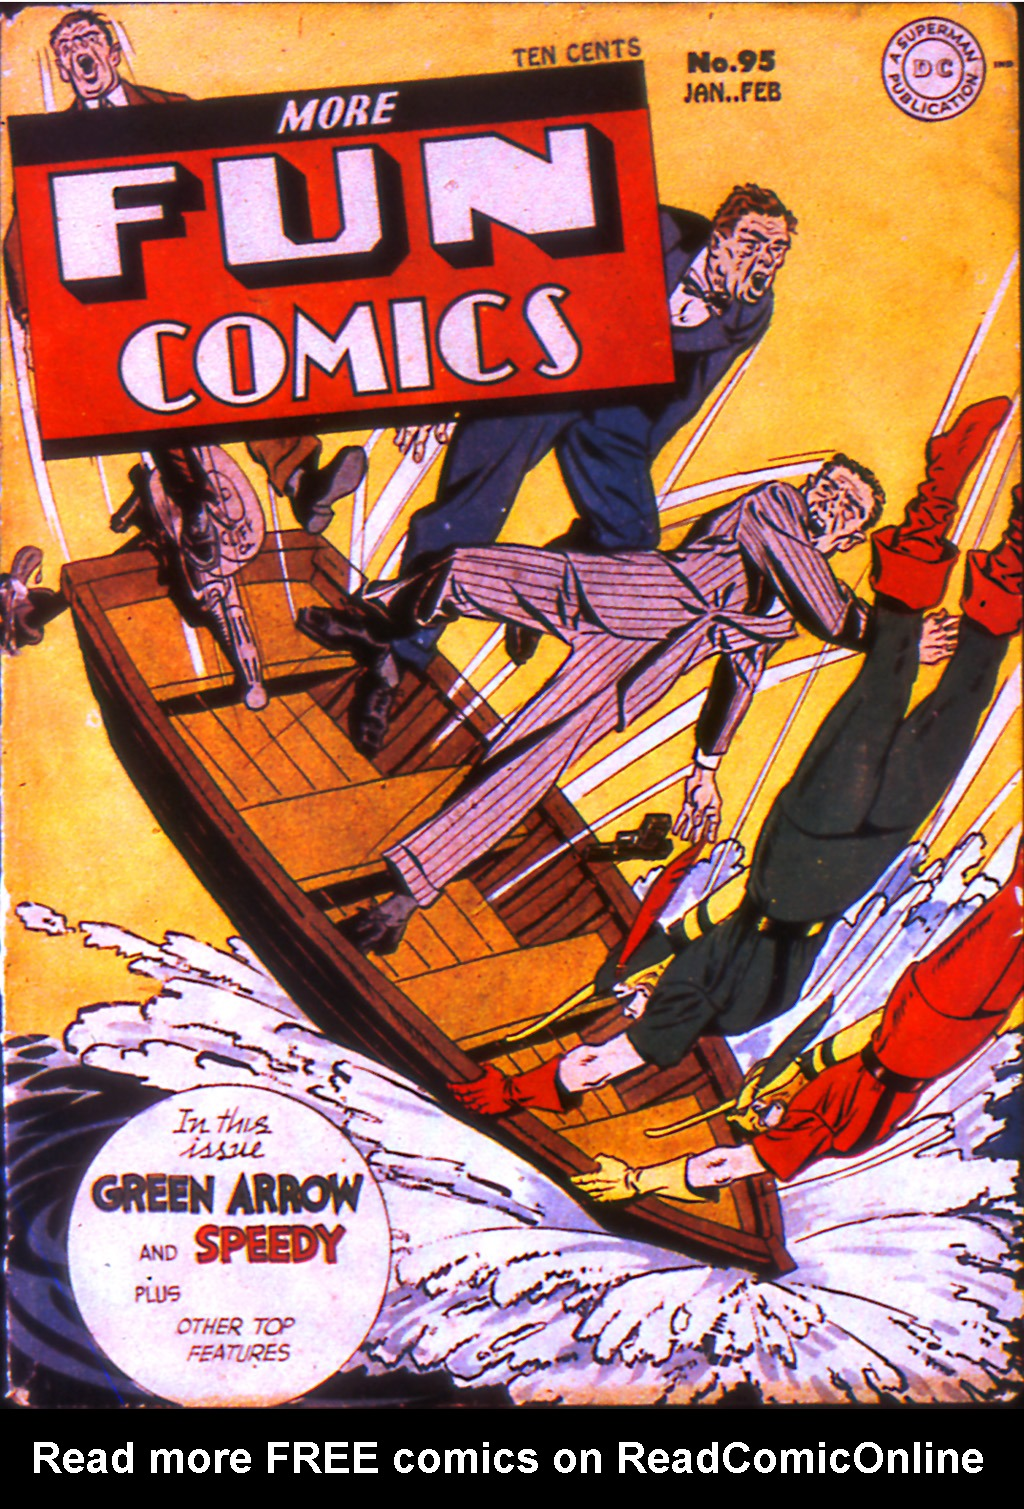 More Fun Comics 95 Page 1